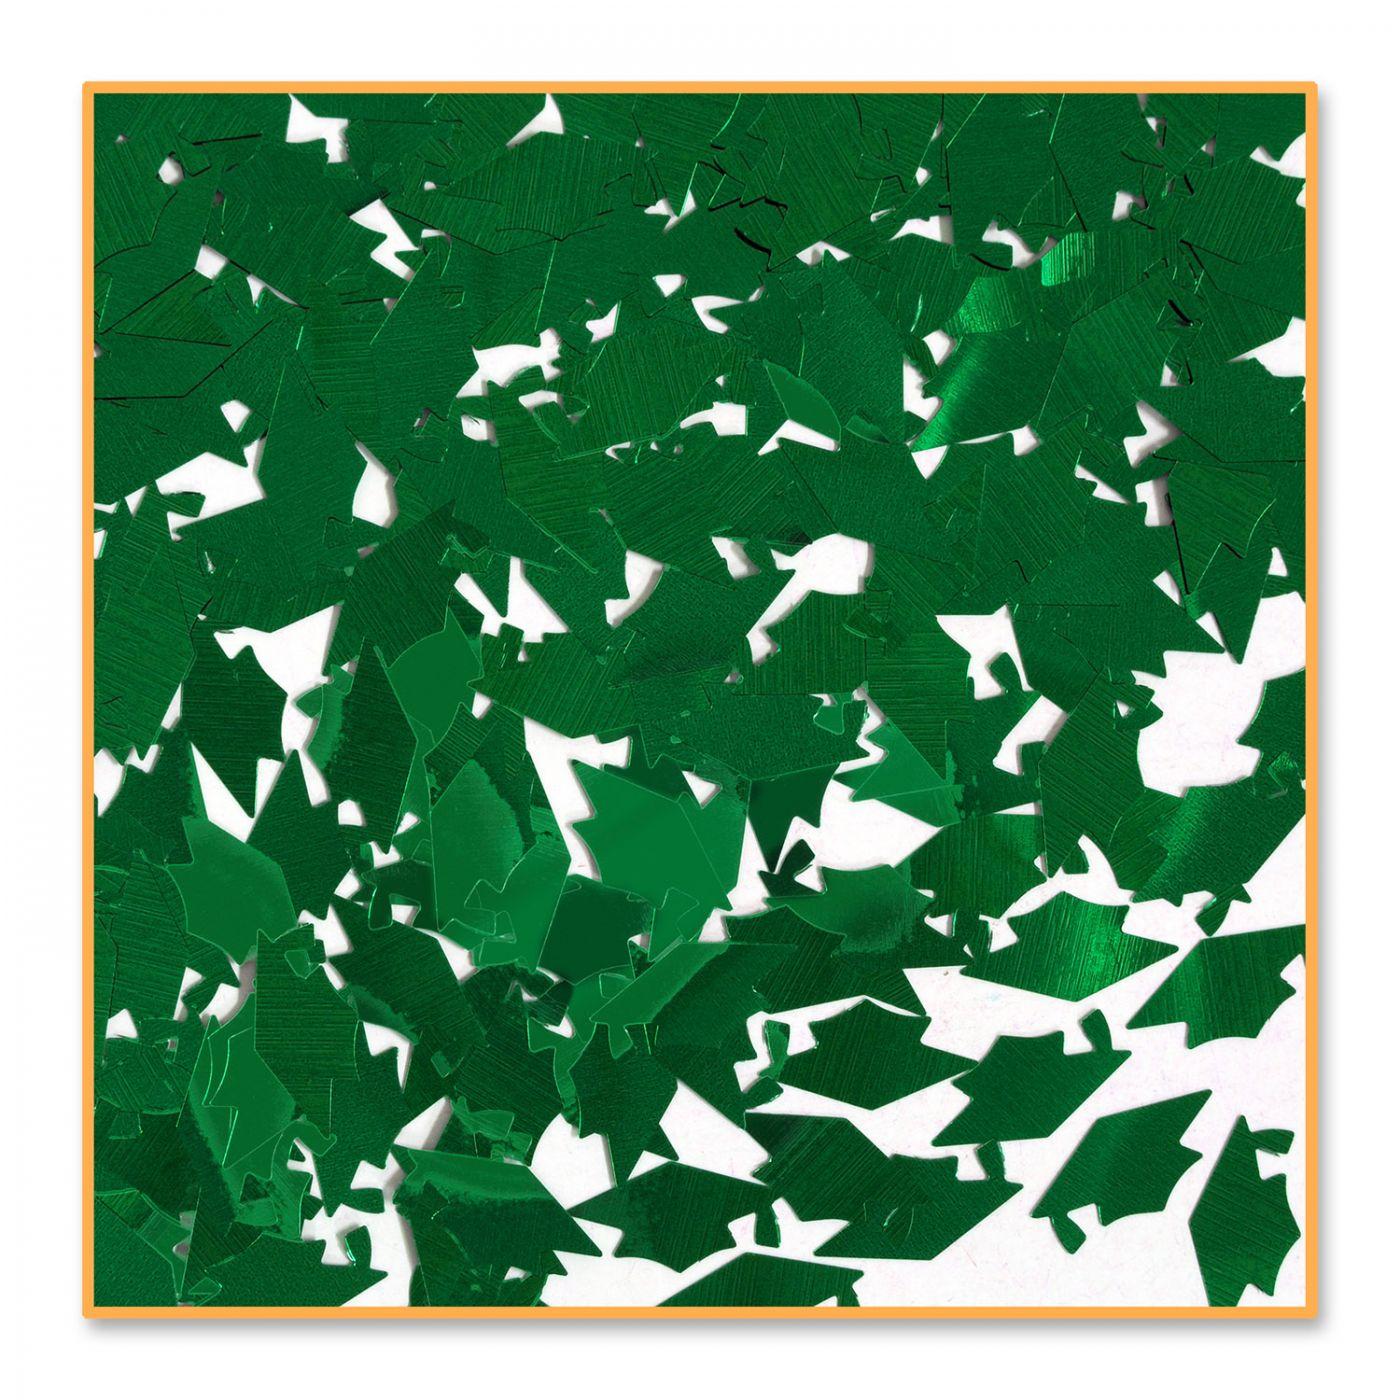 Green Grad Caps Confetti (6) image